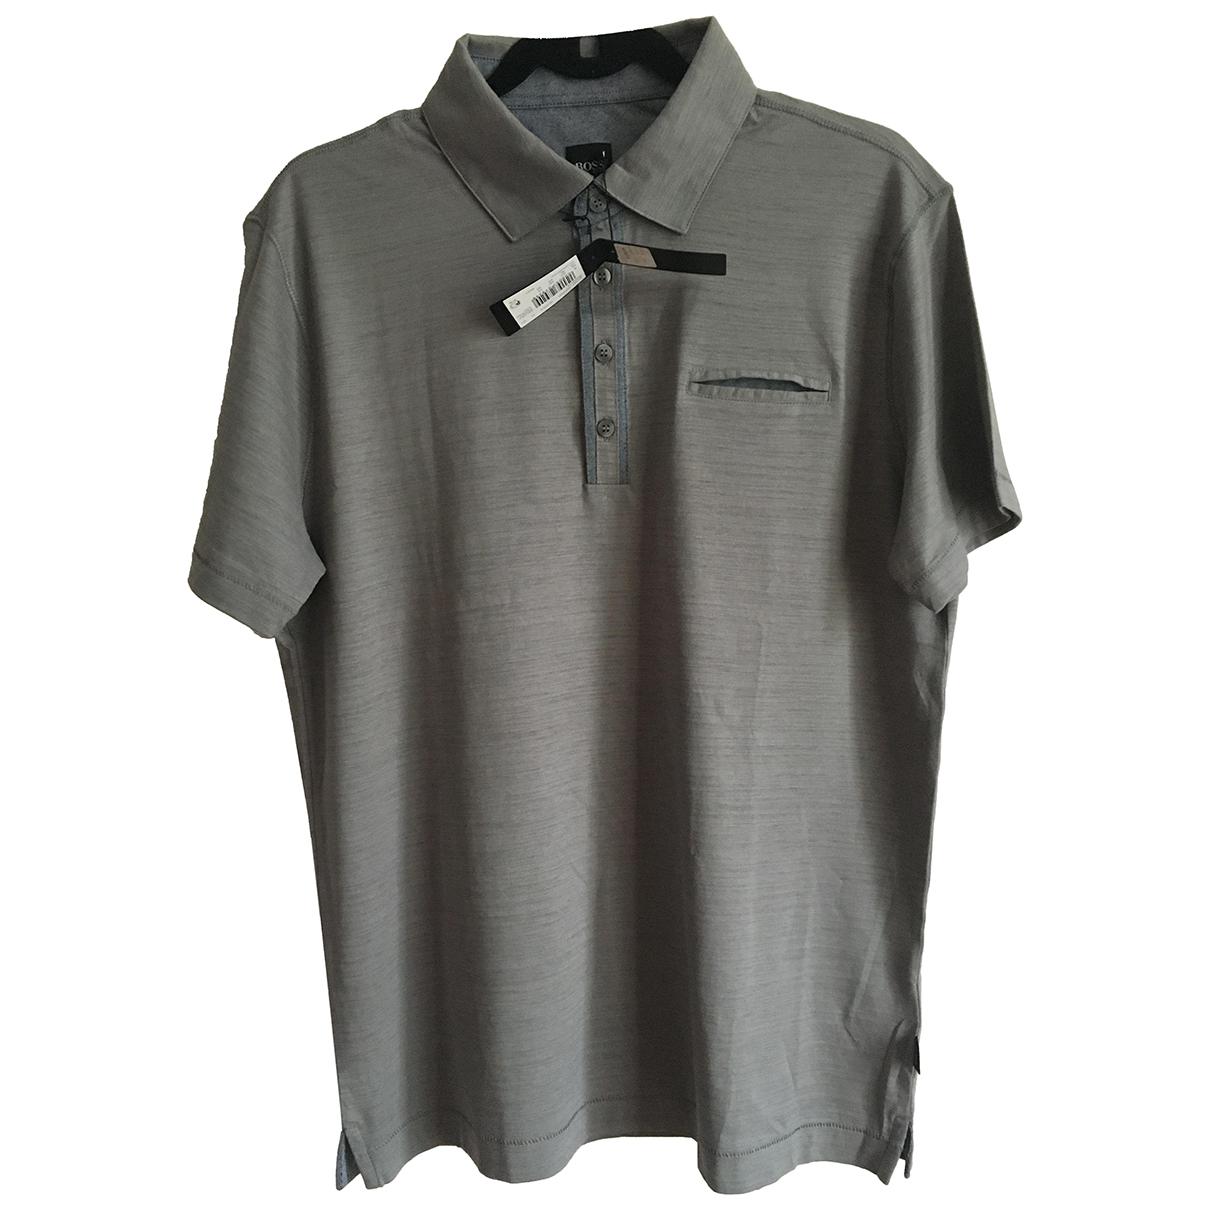 Boss - Tee shirts   pour homme en coton - gris